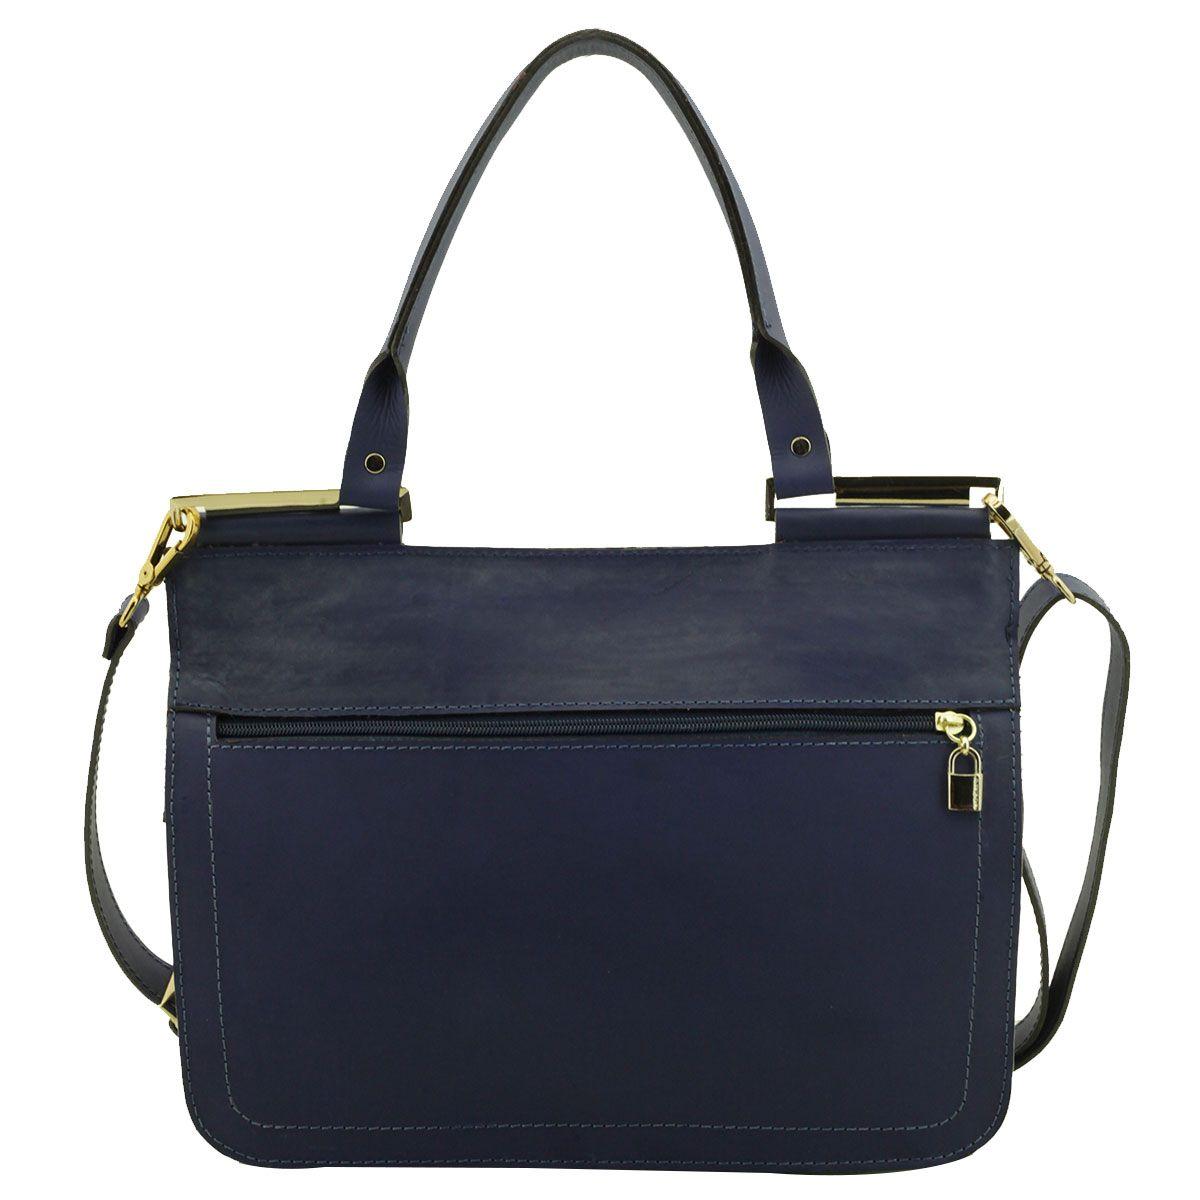 Bolsa De Couro Legitimo Azul : Bolsa couro envelope azul marinho